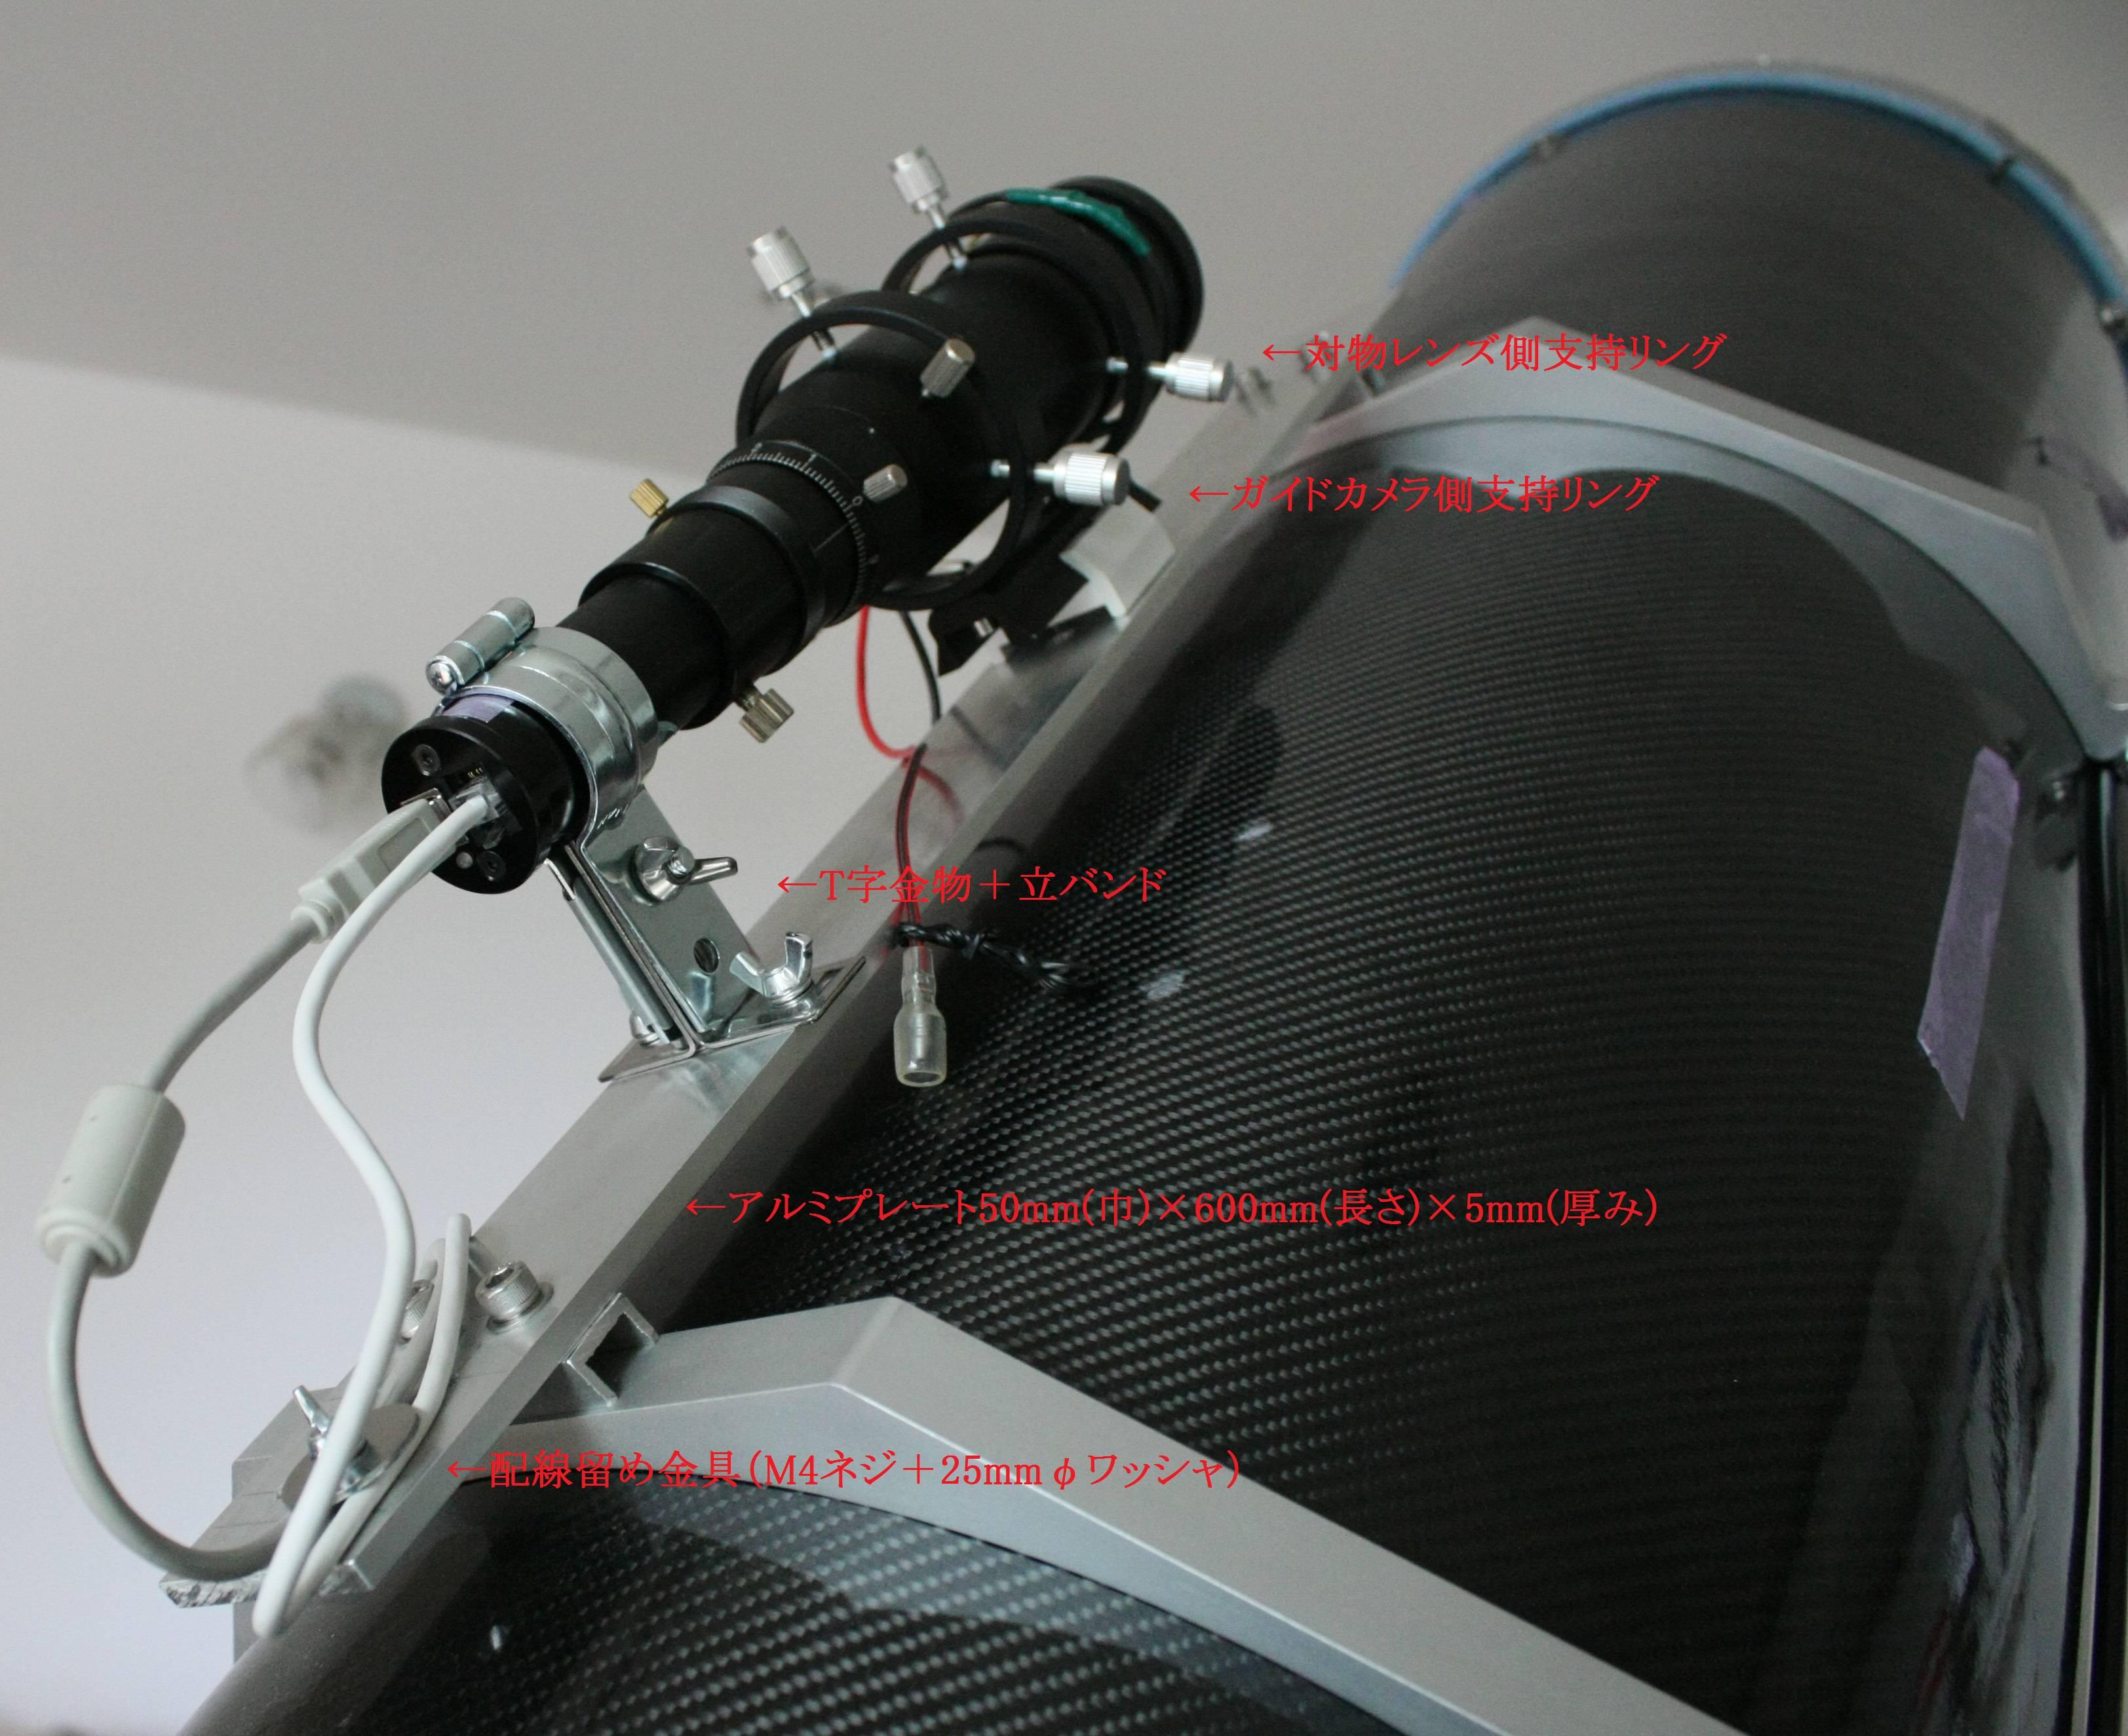 1 ガイド鏡システム全体